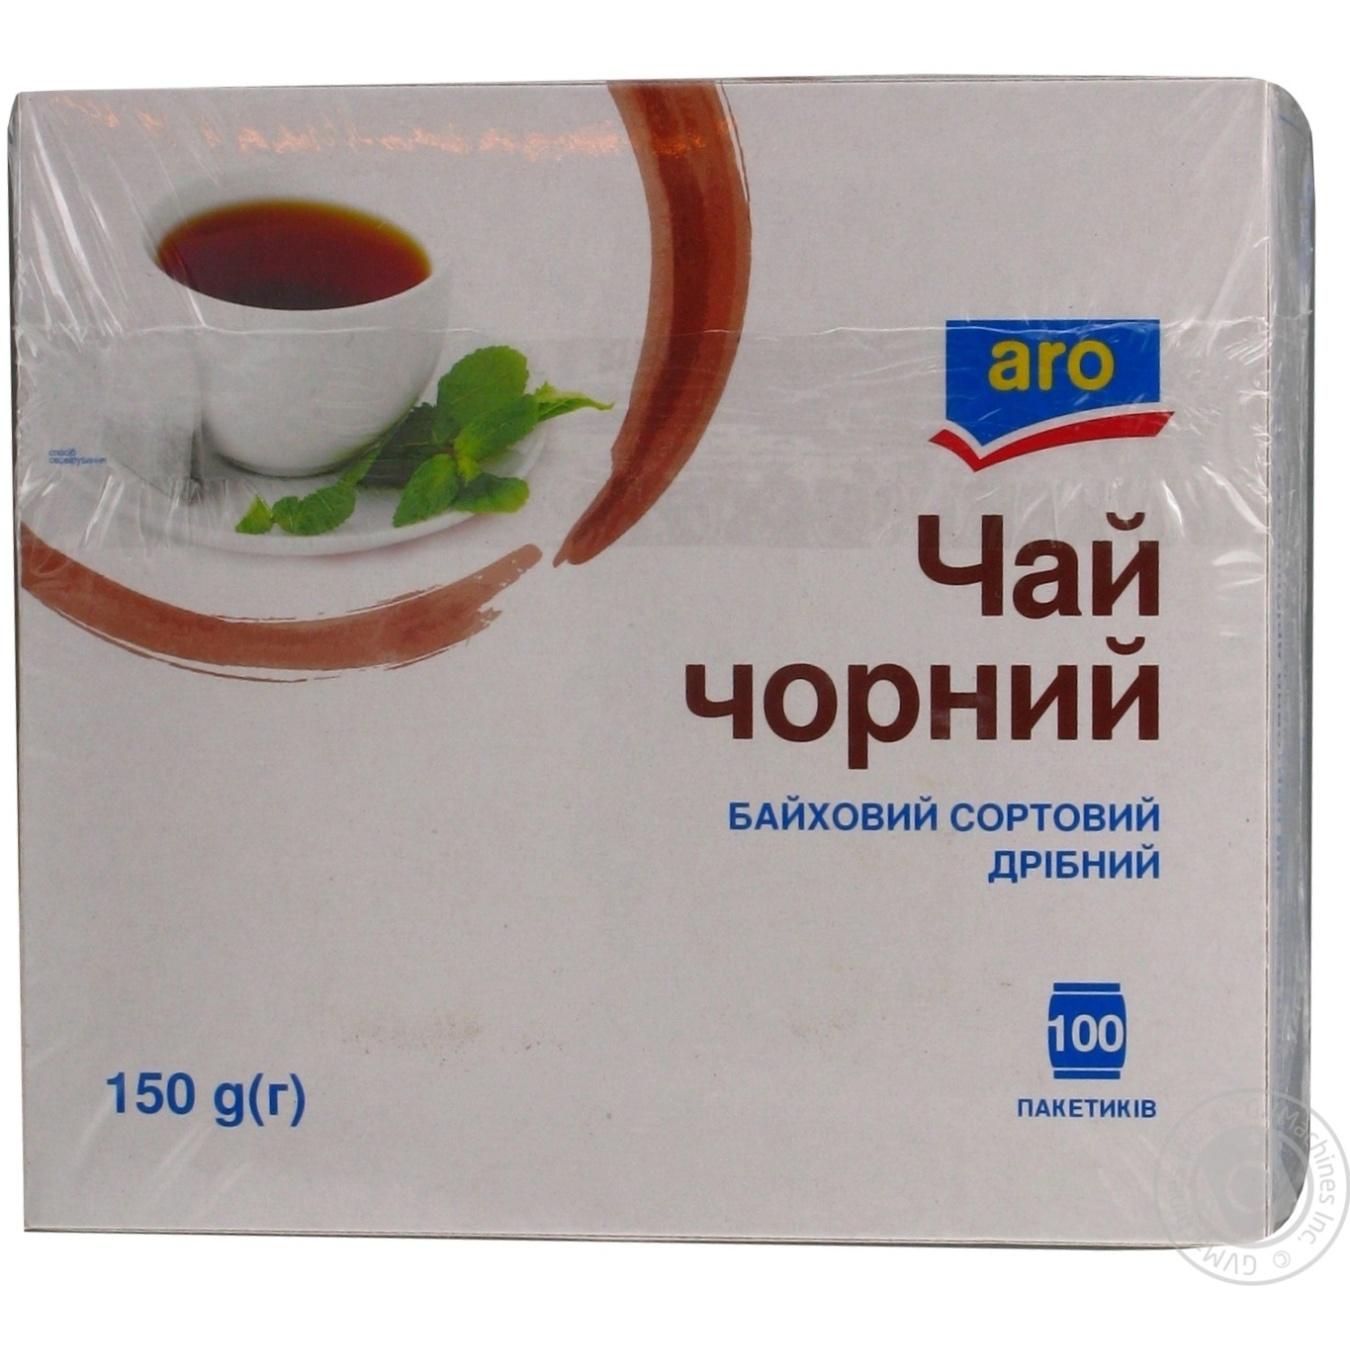 Купить Чай Aro черный байховый мелкий 100пак